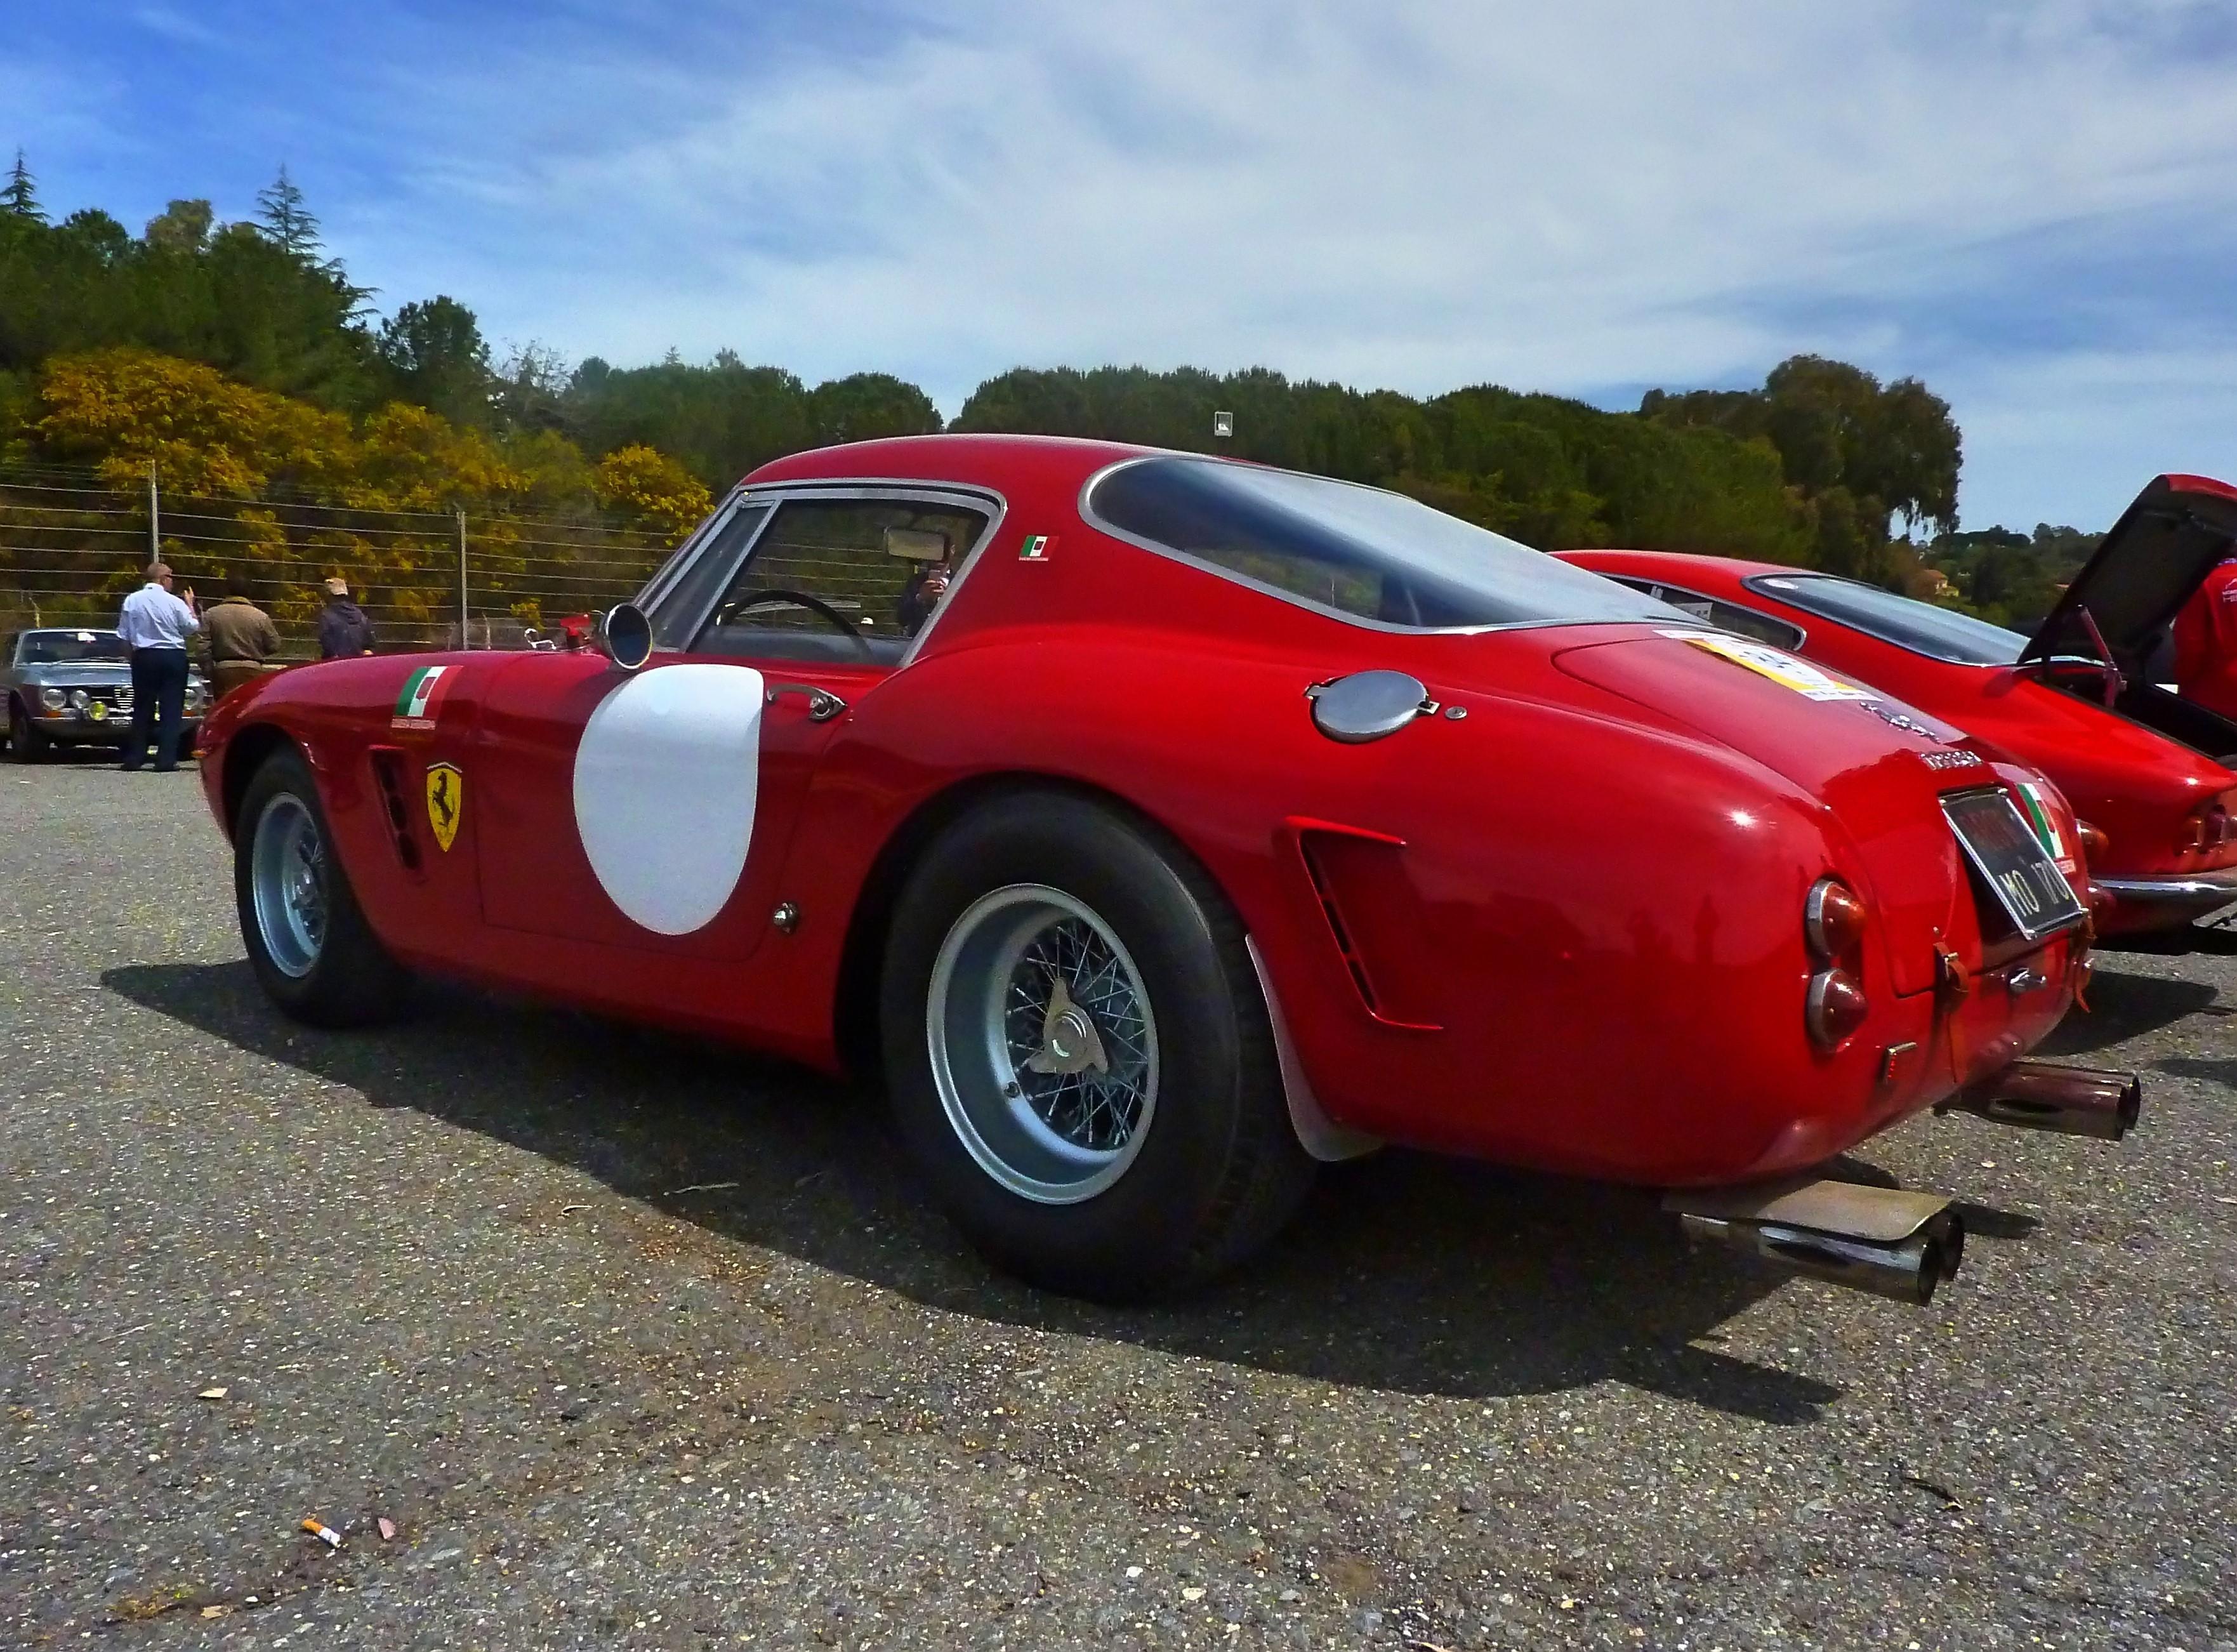 1961 Ferrari 250 GT SWB #2701 (29)_filtered